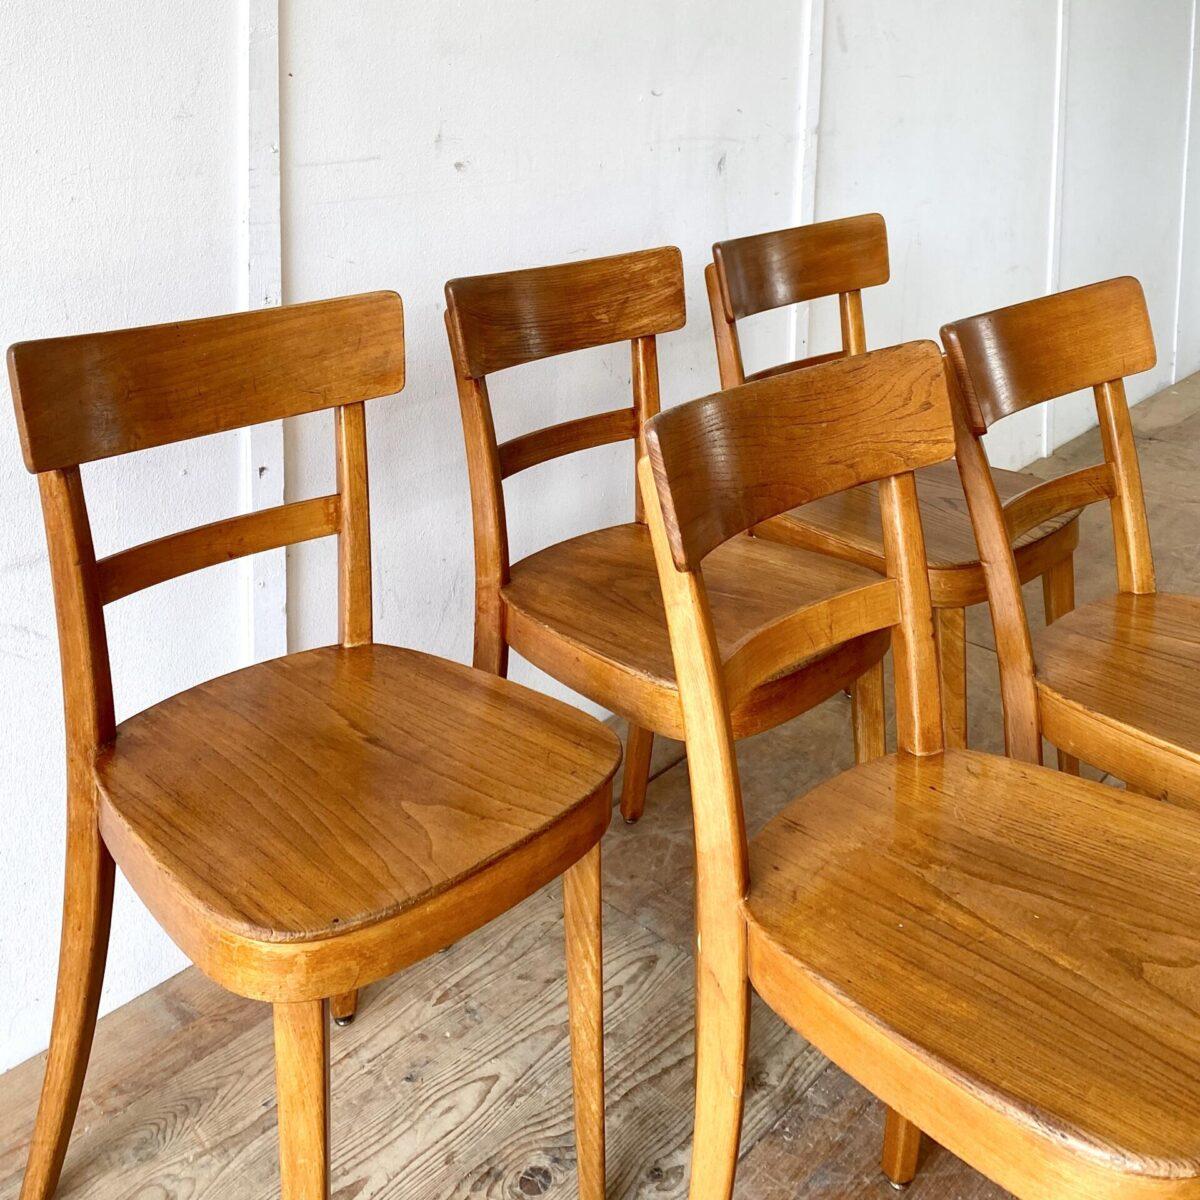 Deuxieme.shop swiss chairs. 9 Beizenstühle leicht restauriert, preis pro Stuhl. Im Vergleich zu den meisten anderen Beizenstühlen sind diese Stühle aus Ulmen Holz, und die Sitzfläche ist ebenfalls aus Vollholz. Technisch in stabilem Zustand, die Hinterbeine wurden mal neu durchgehend verschraubt.